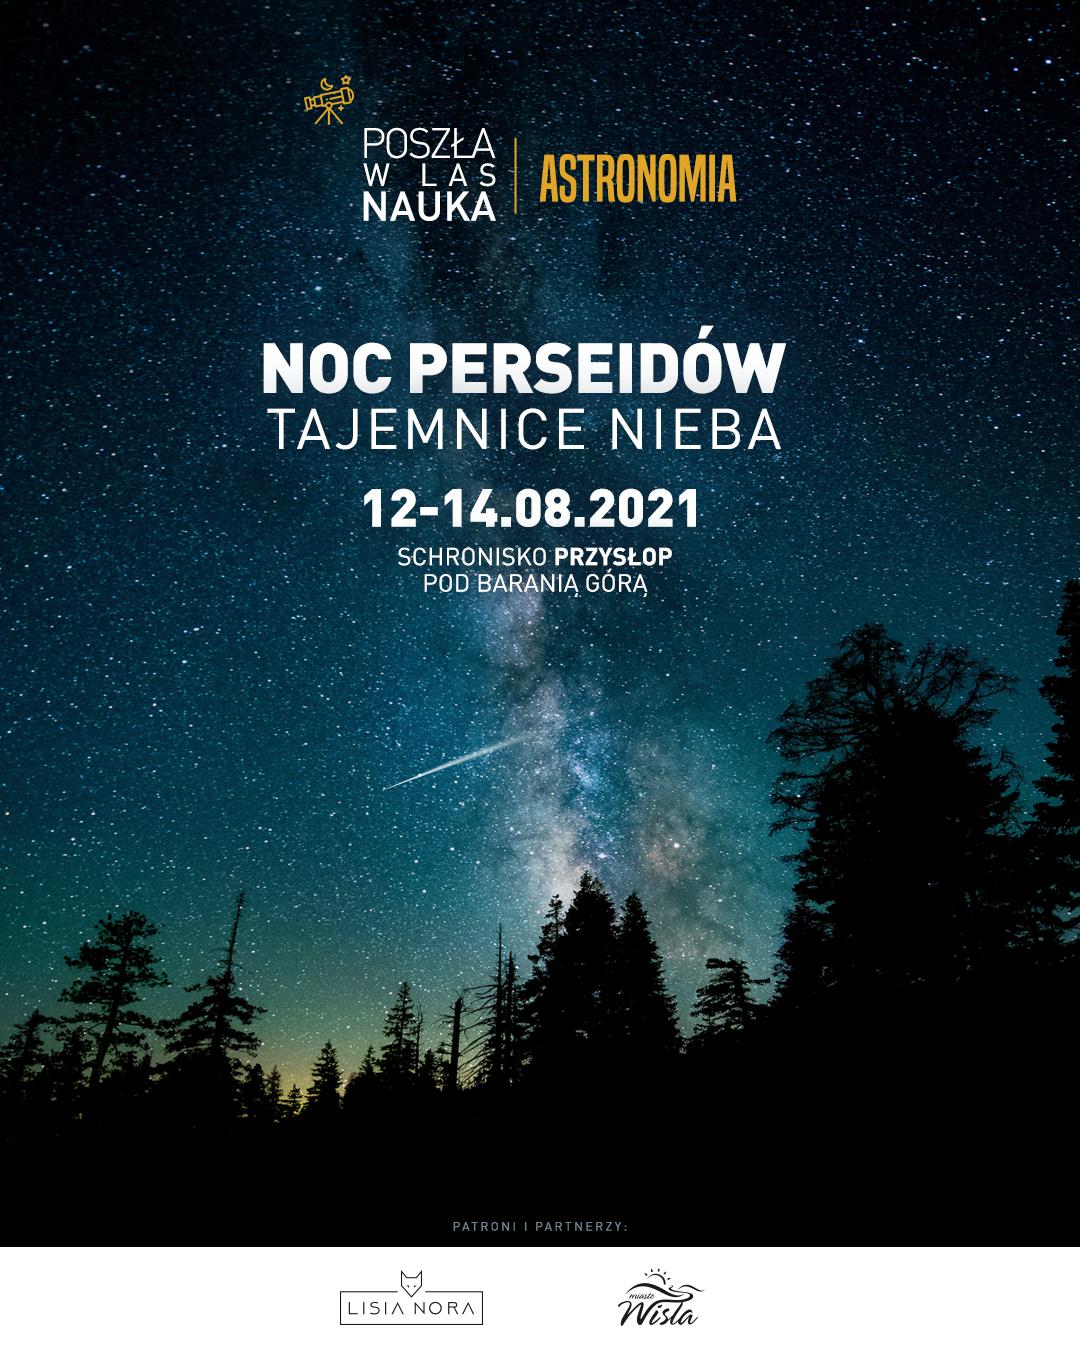 Poszła w Las Nauka: Noc Perseidów - tajemnice nieba